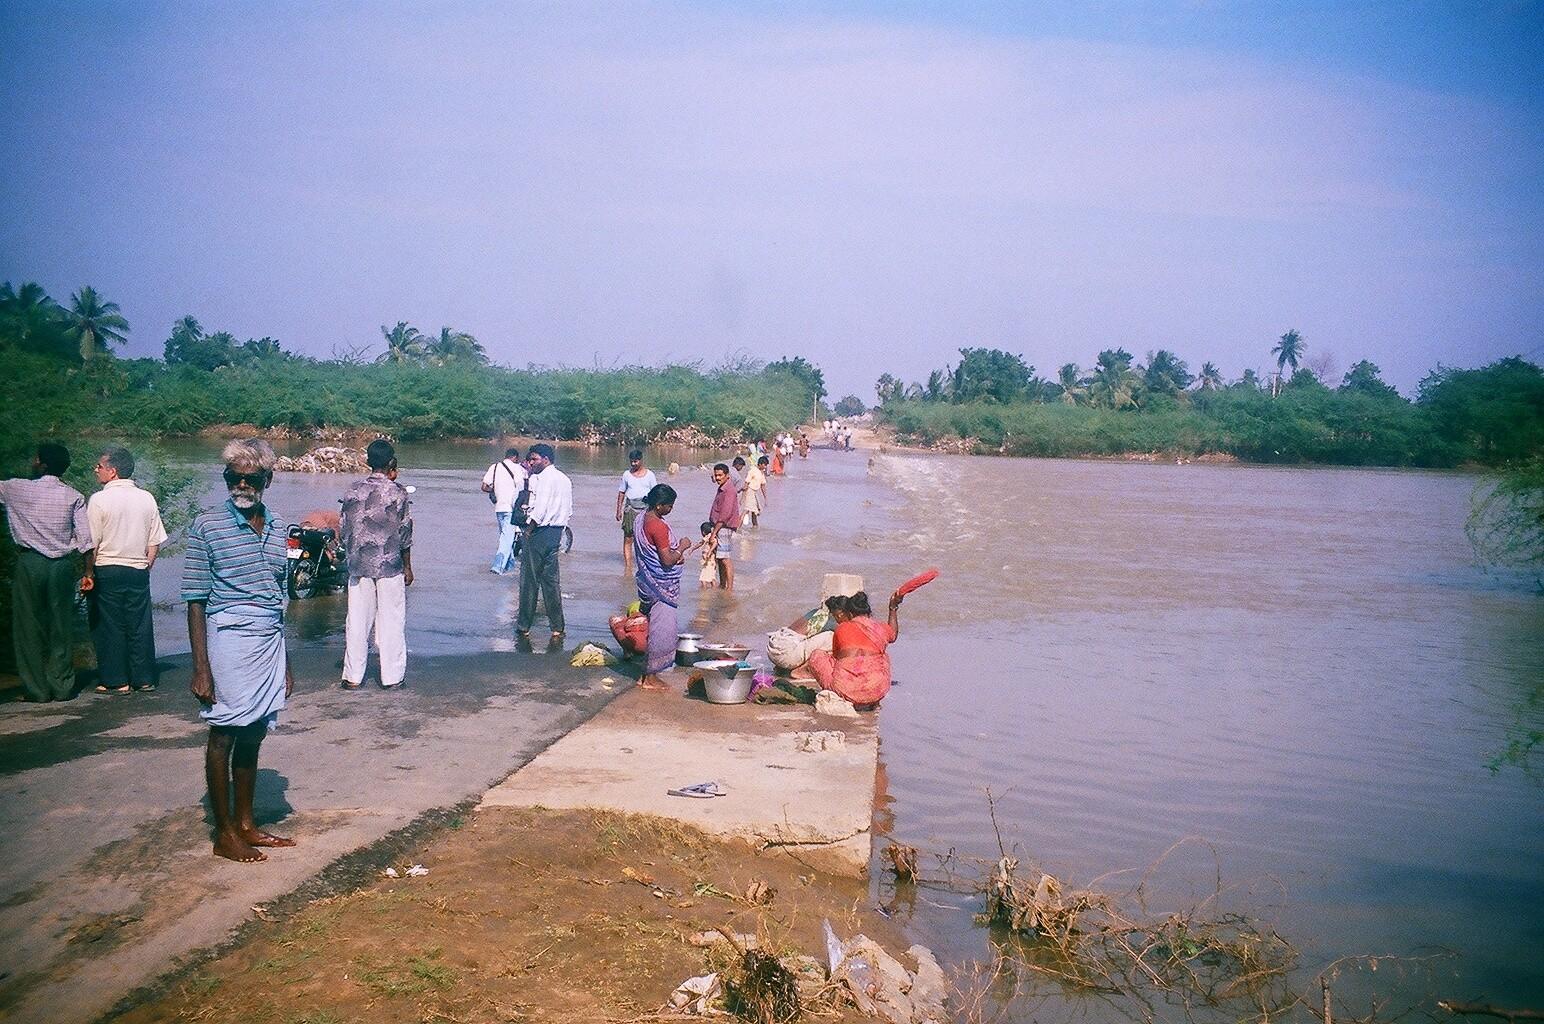 Décembre 2005 - Inondation à Thazhankuda - - La veille l'eau arrivait à épaule d'homme